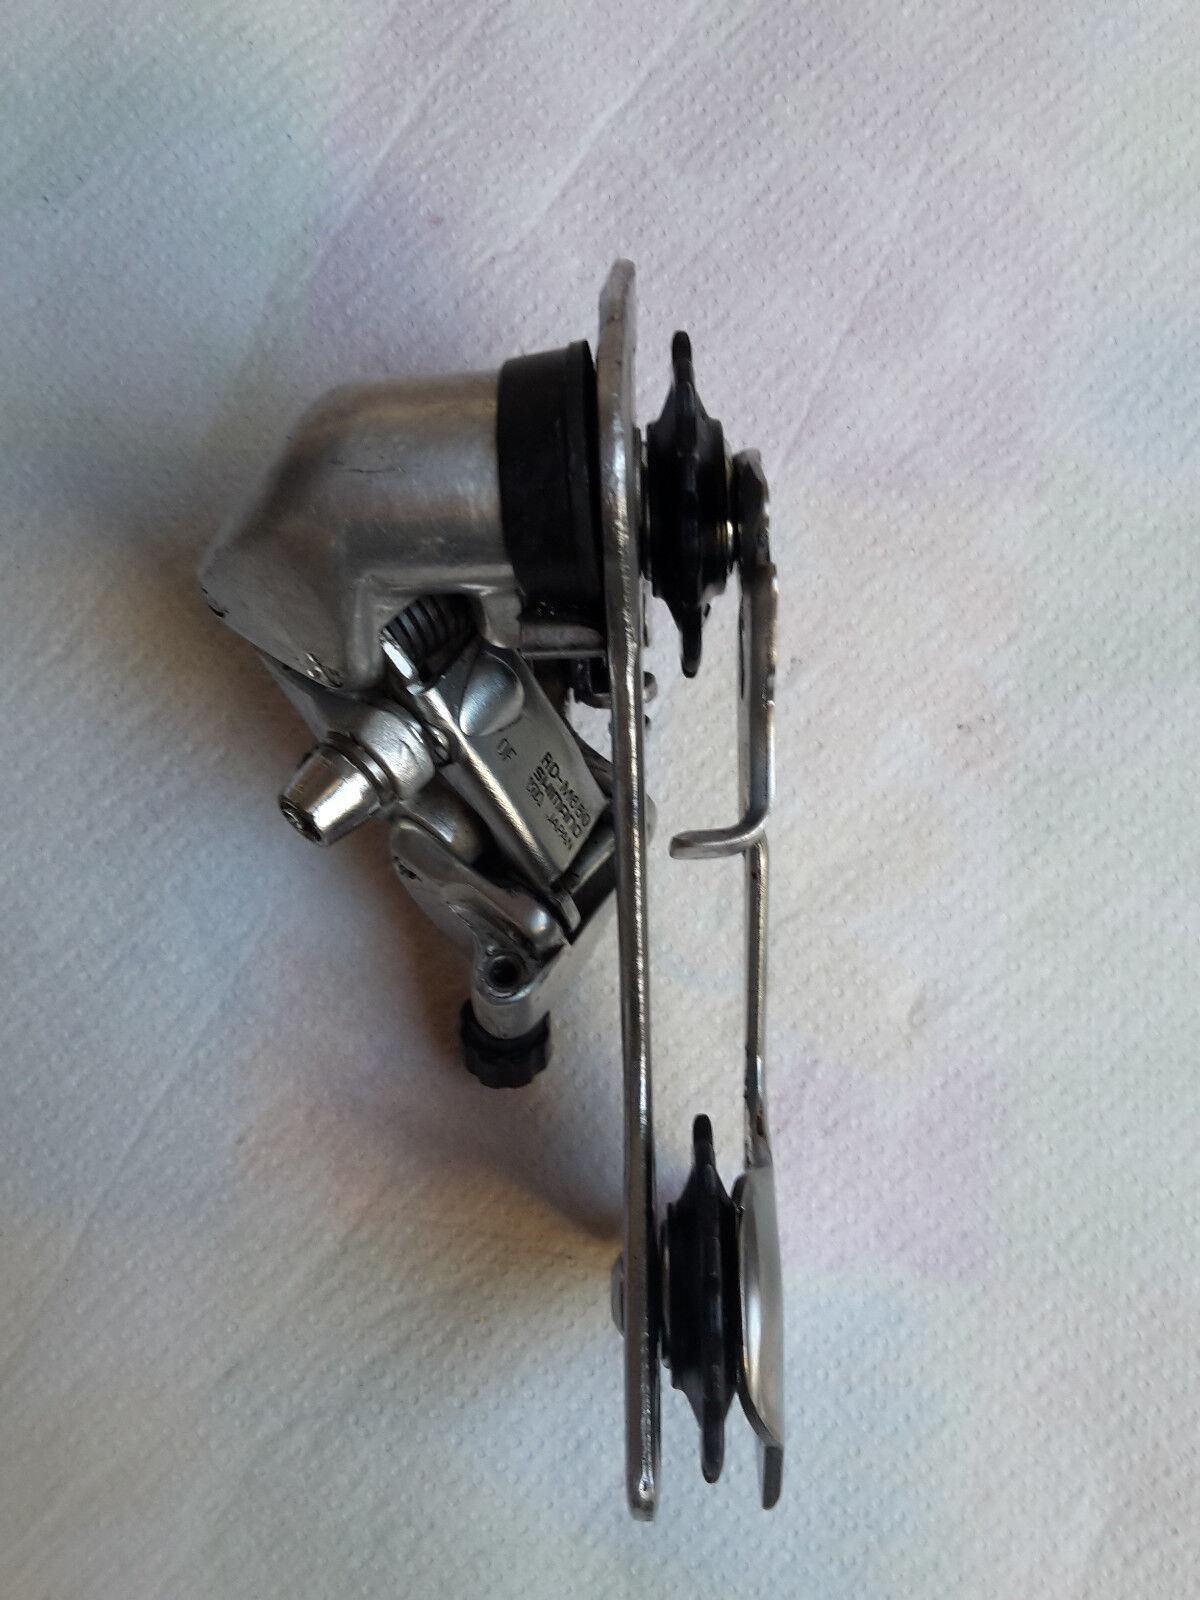 Shimano Deore Deore Deore DX Retro Schaltwerk RD-M650 '90 9c0536